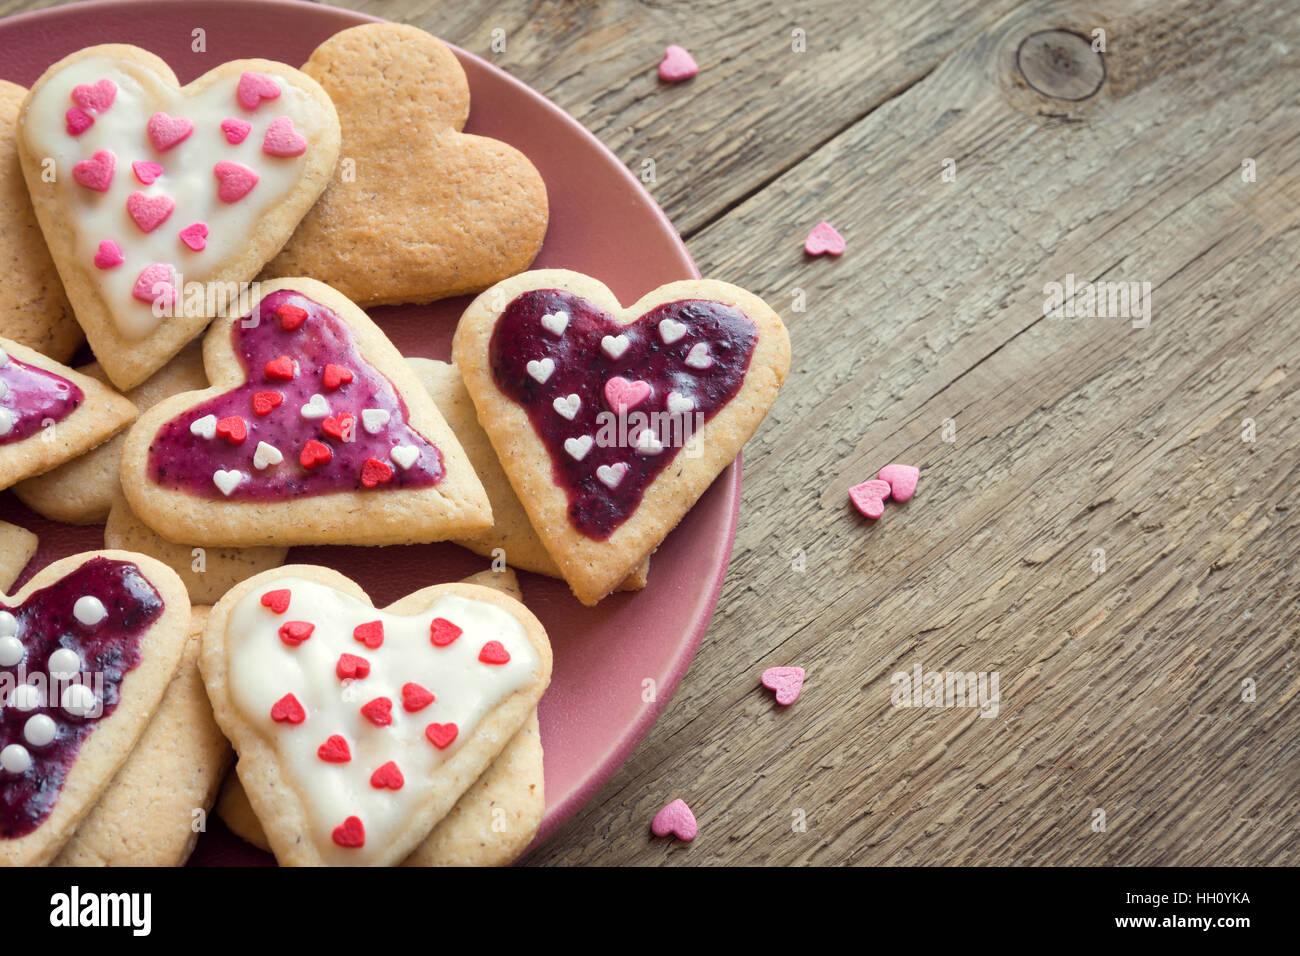 Les cookies en forme de coeur glacé pour la Saint-Valentin - délicieuses pâtisseries biologiques Photo Stock